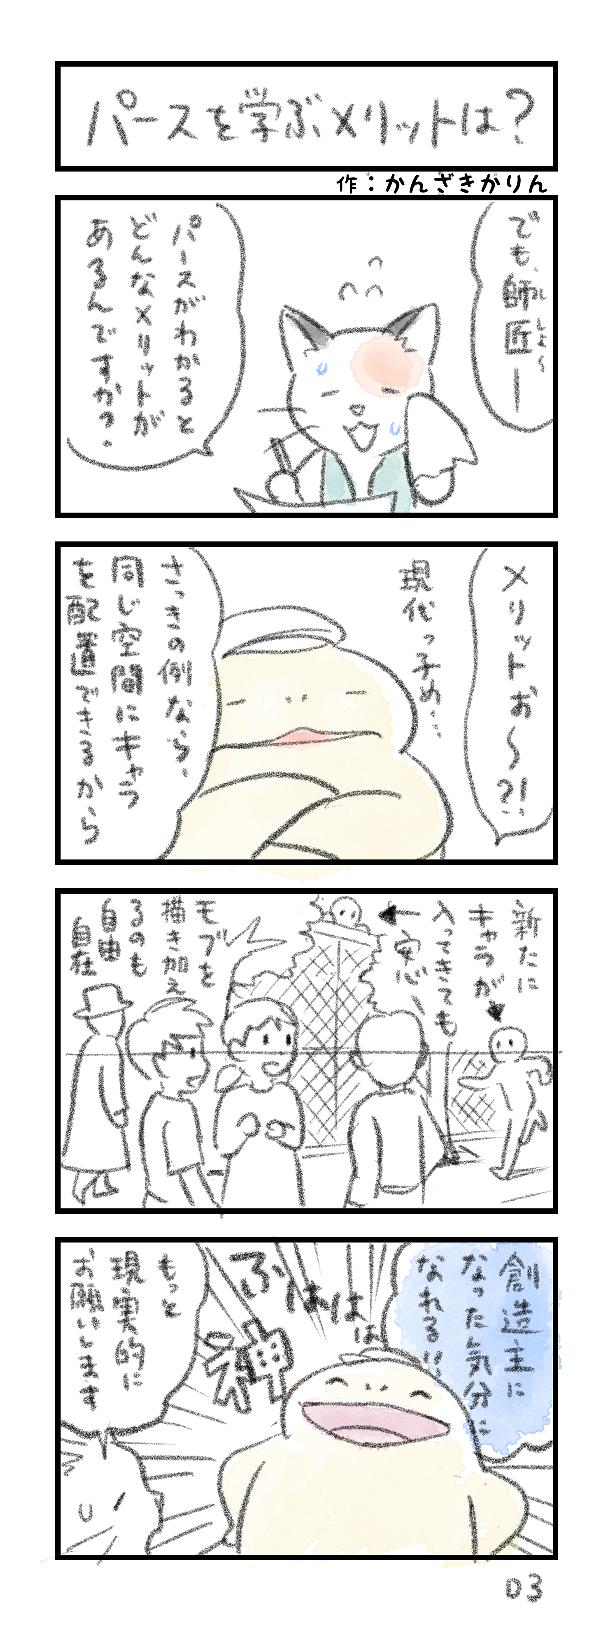 パースの解説マンガ